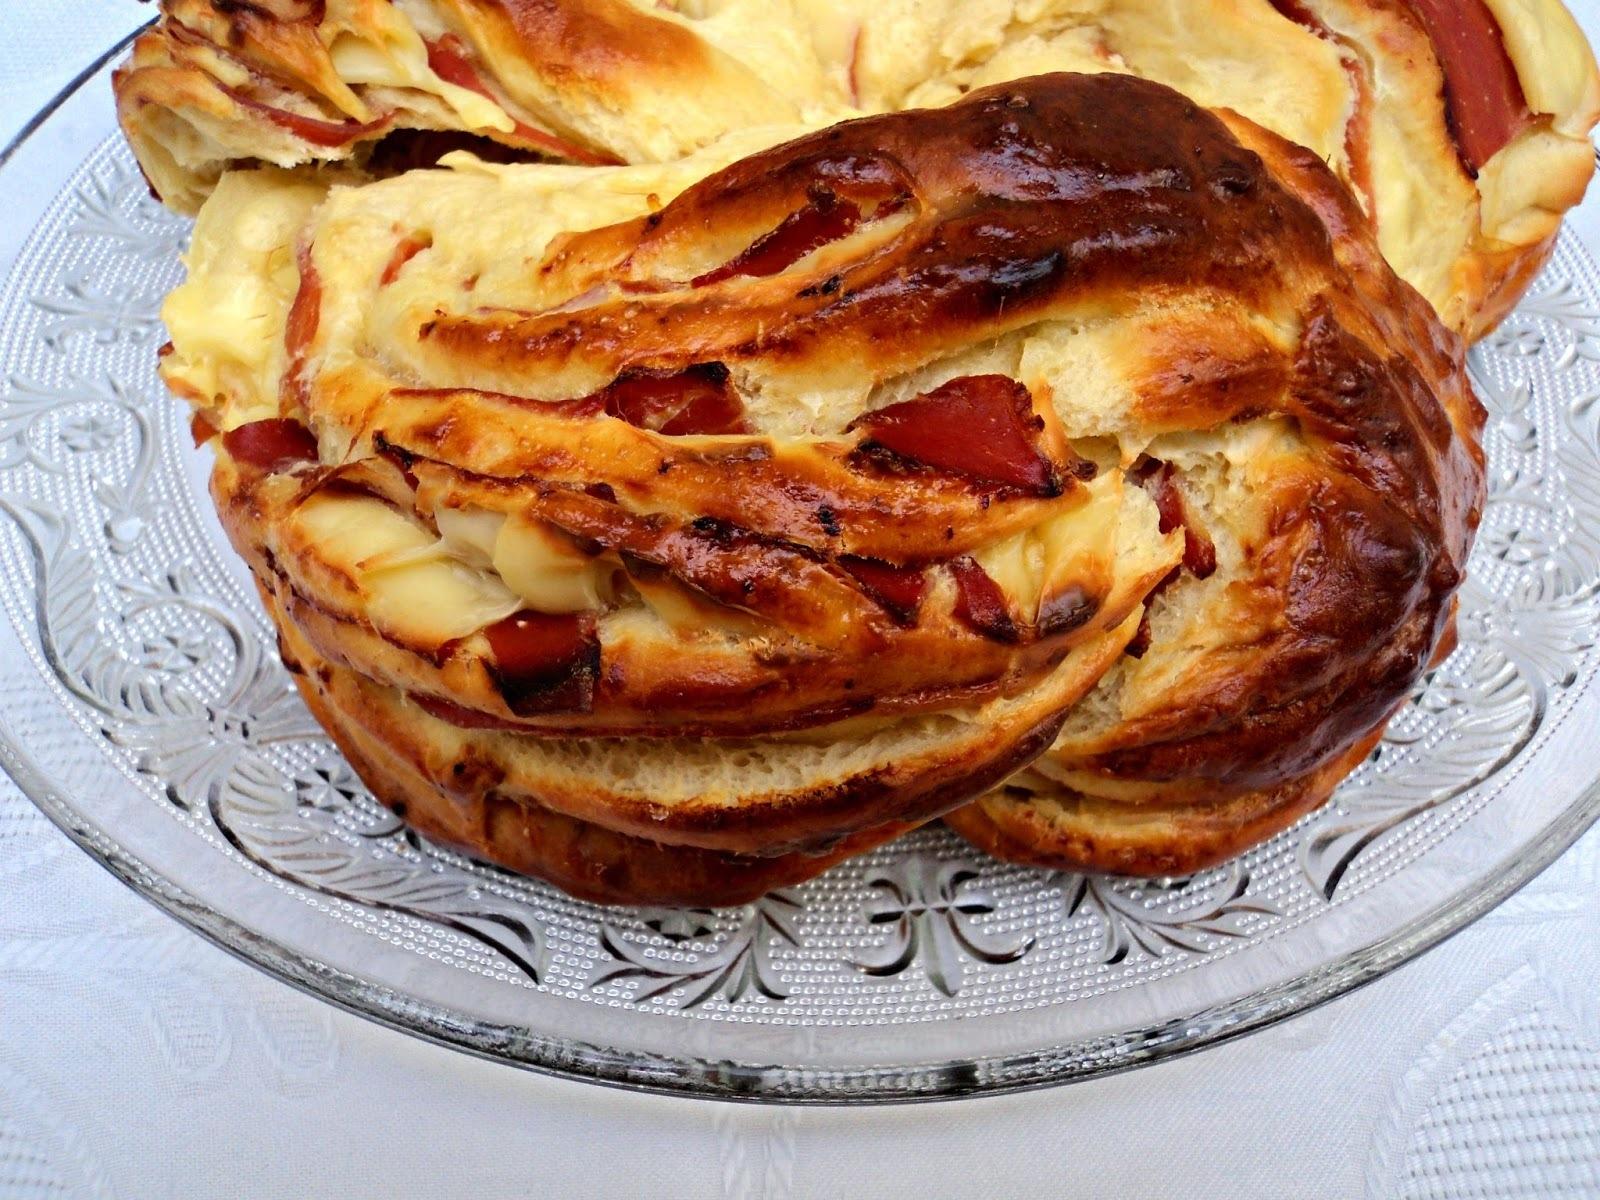 Kringle de jamón serrano y queso